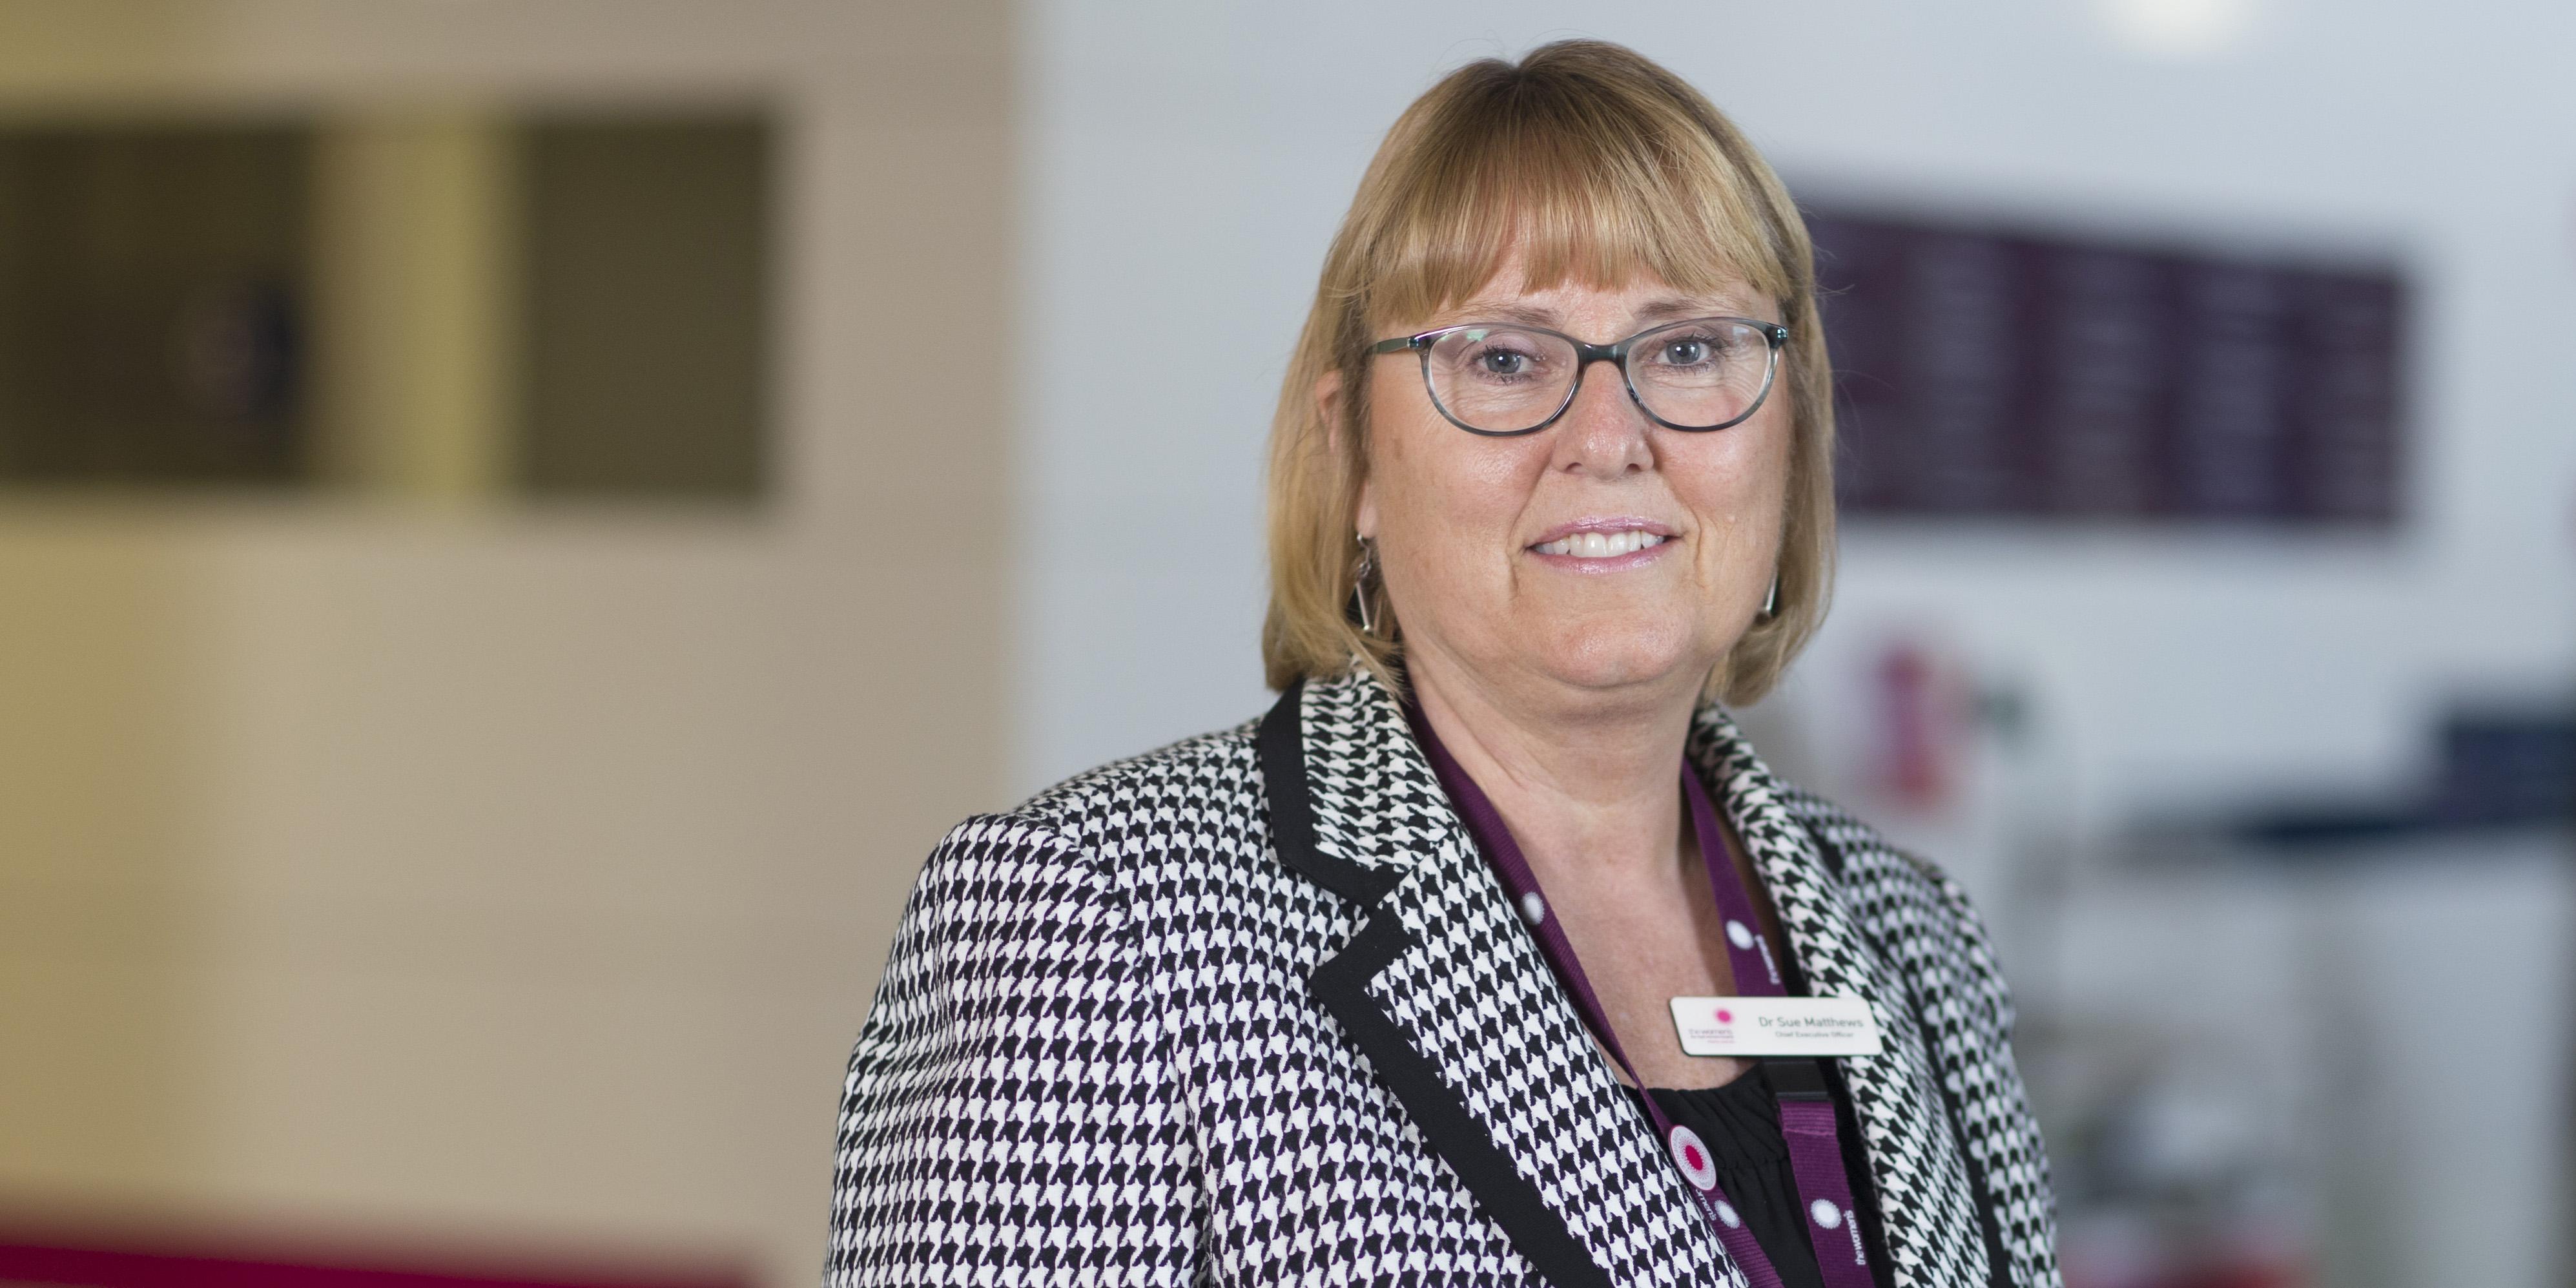 Dr Sue Matthews, CEO